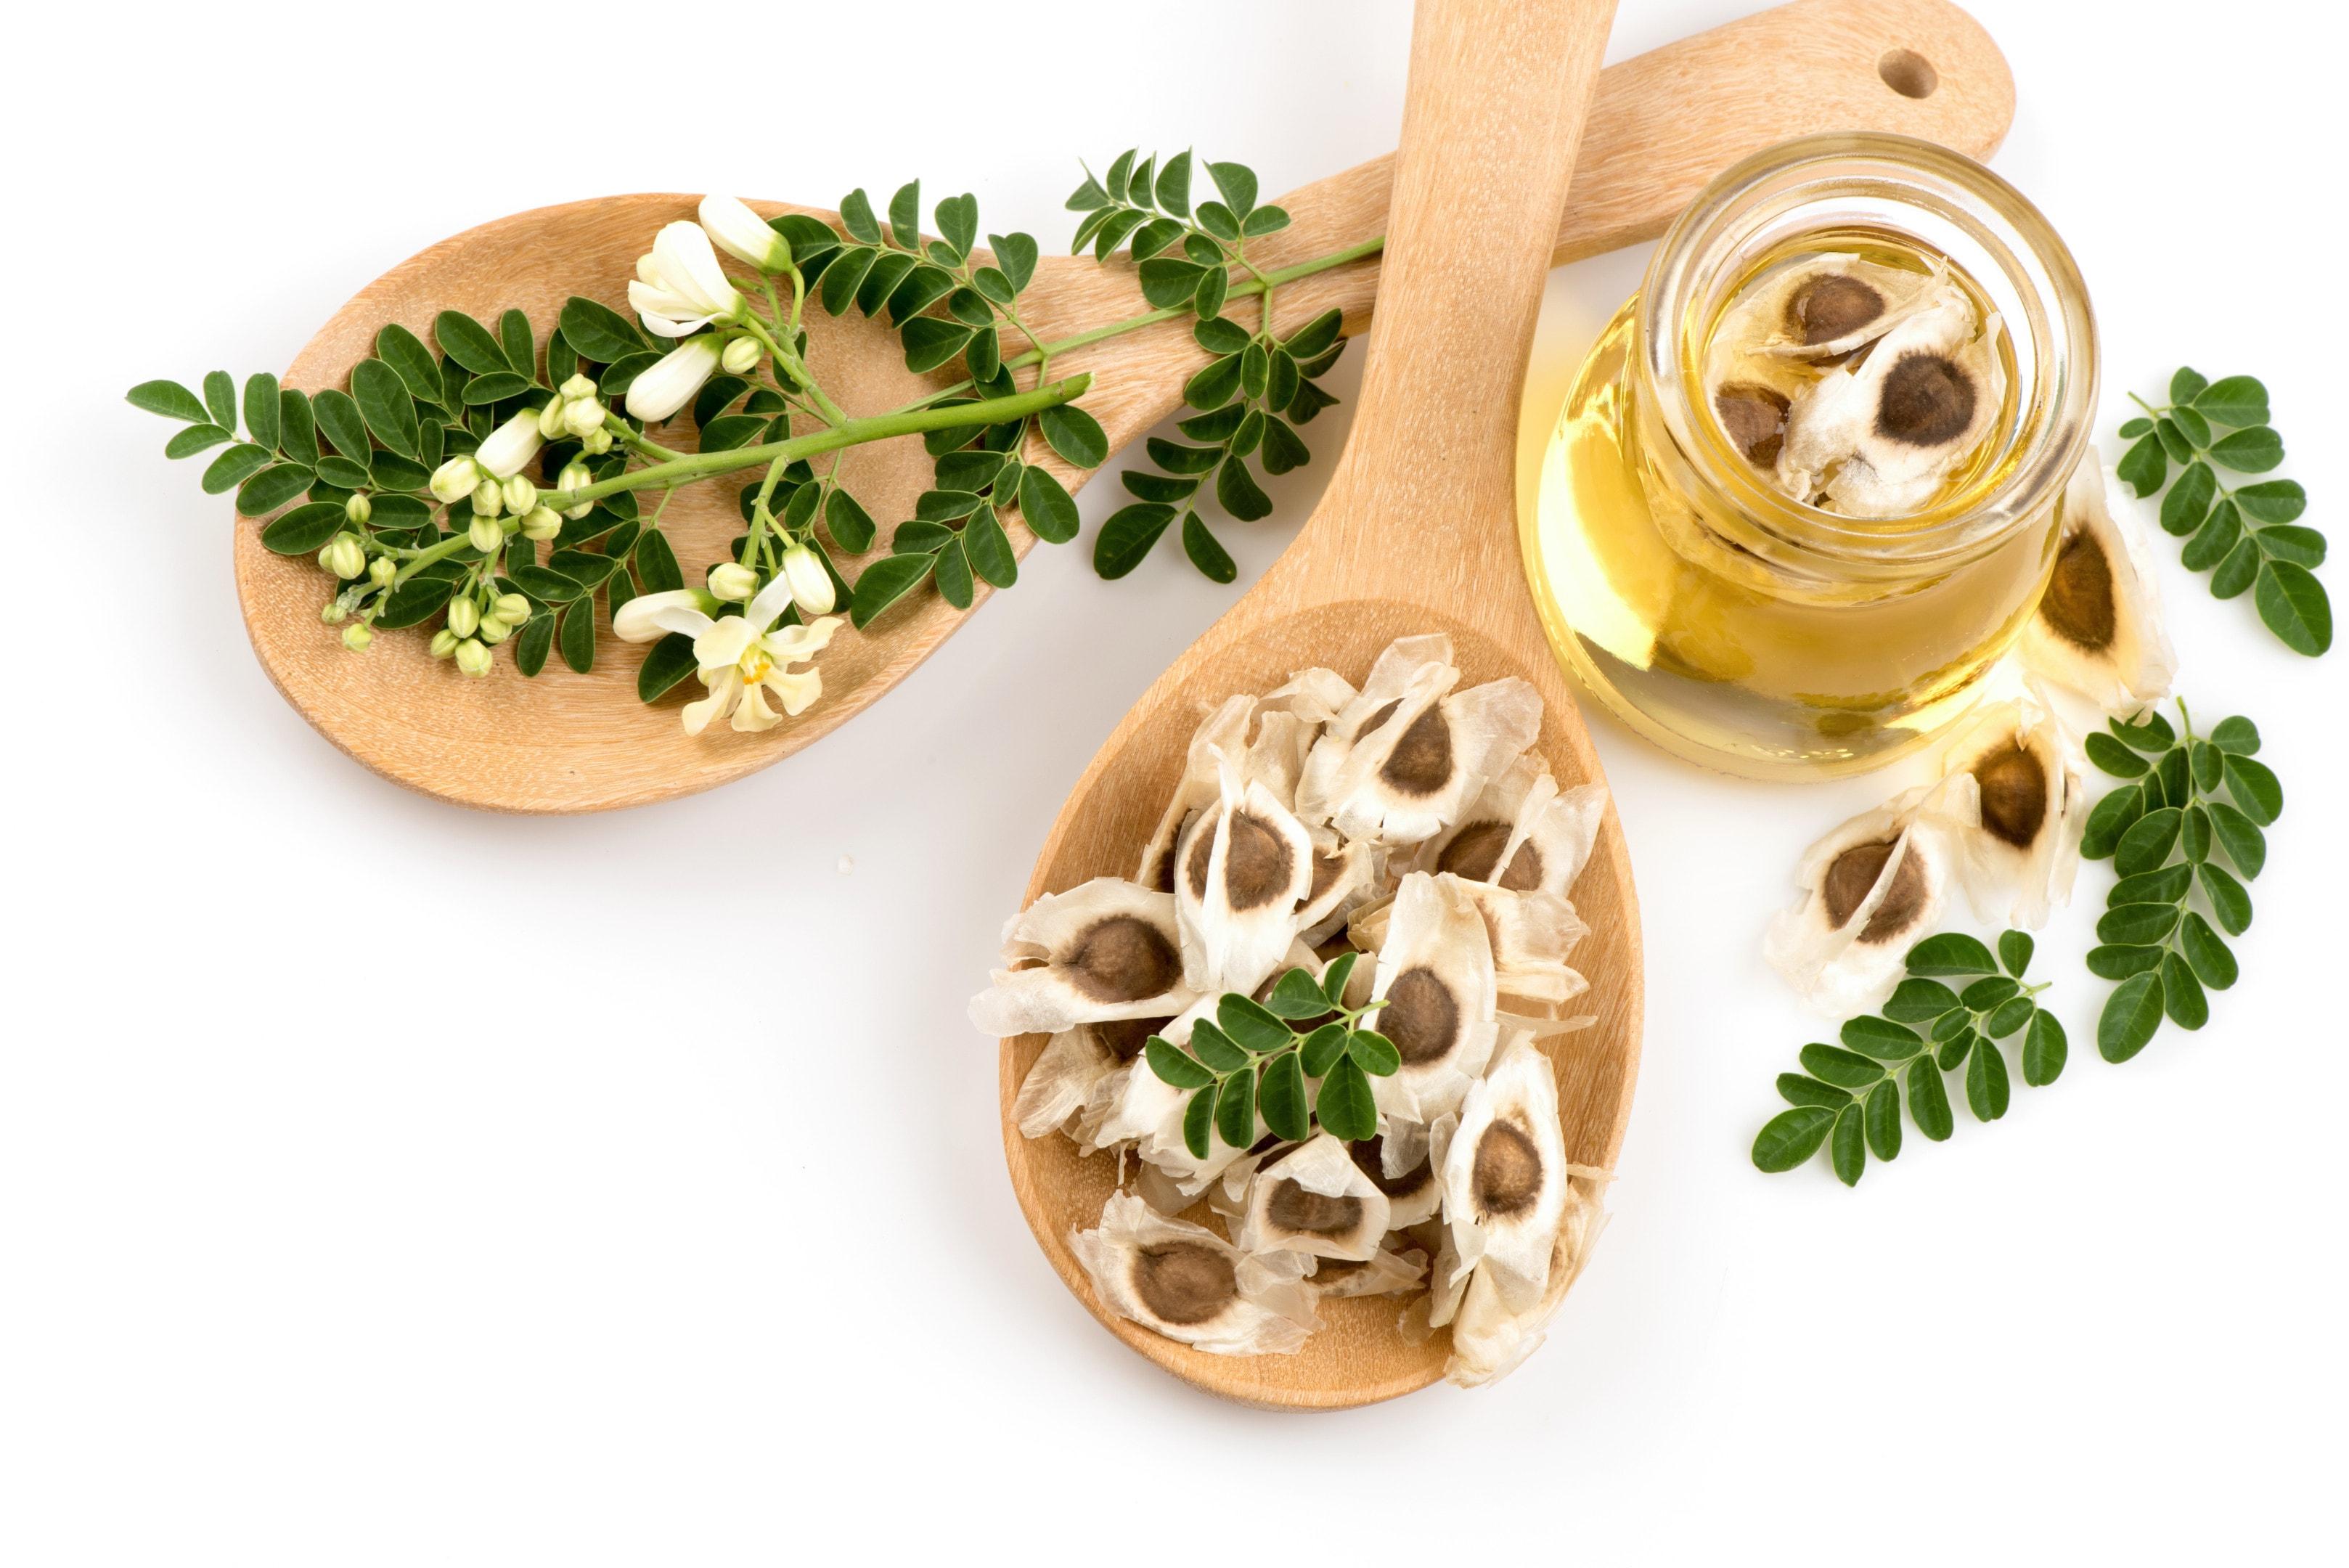 Moringa oil with moringa seeds and moringa leaves